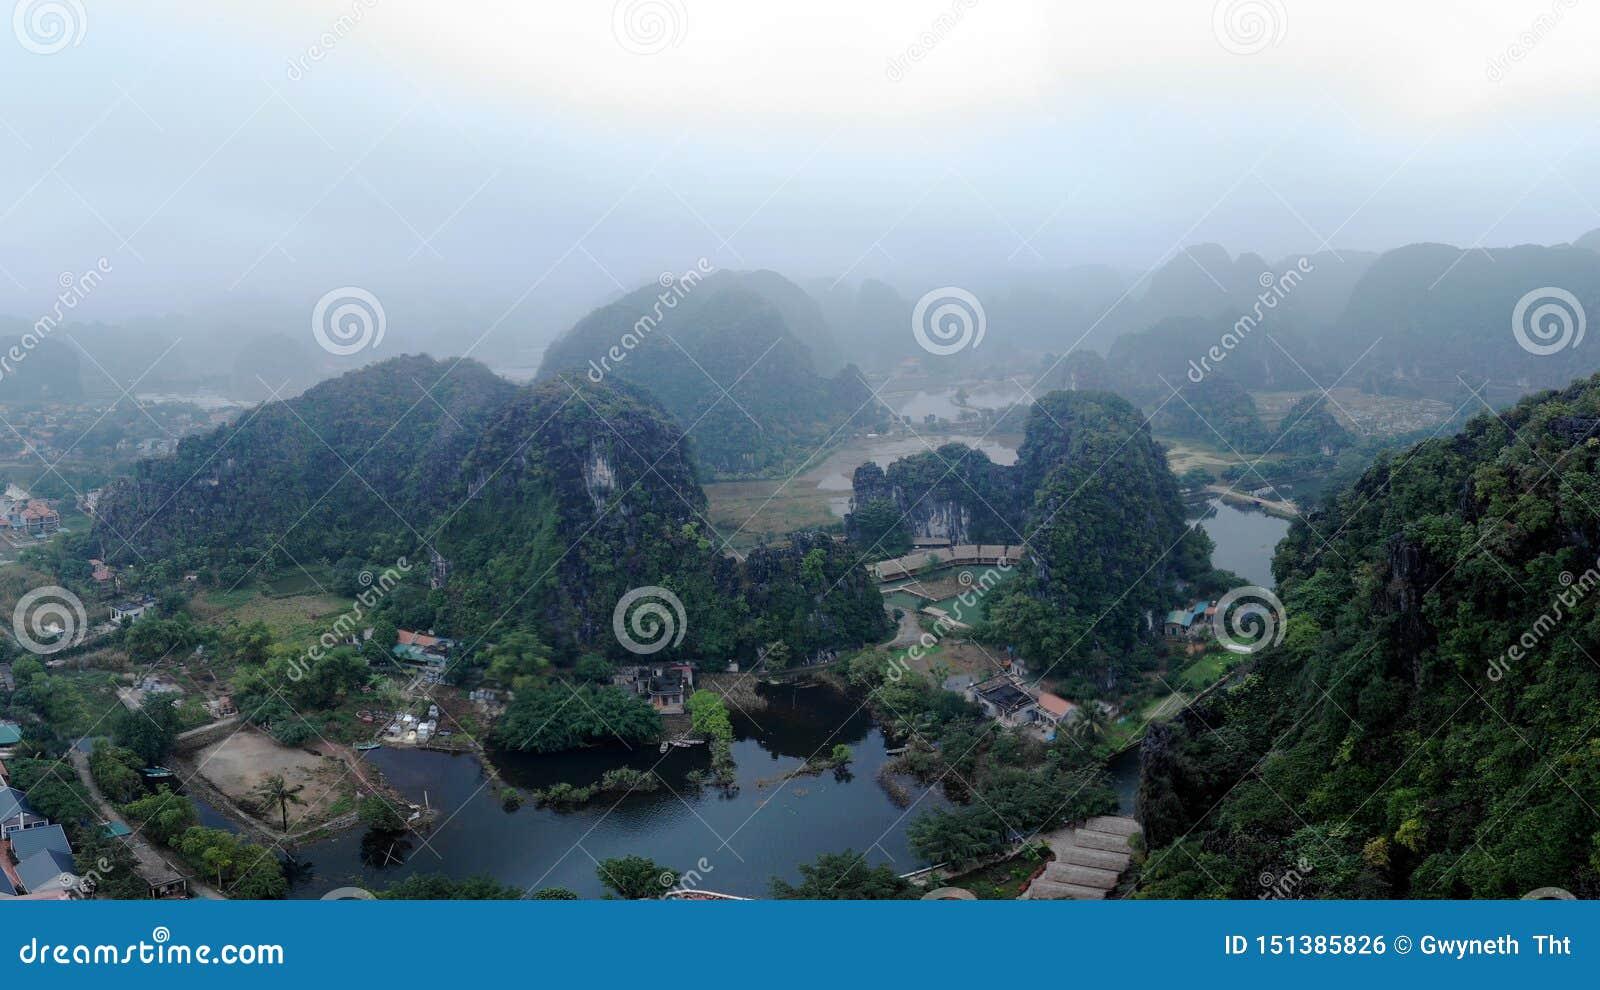 Die majestätischen Berge gestalten mit dem umgebenden Fluss landschaftlich